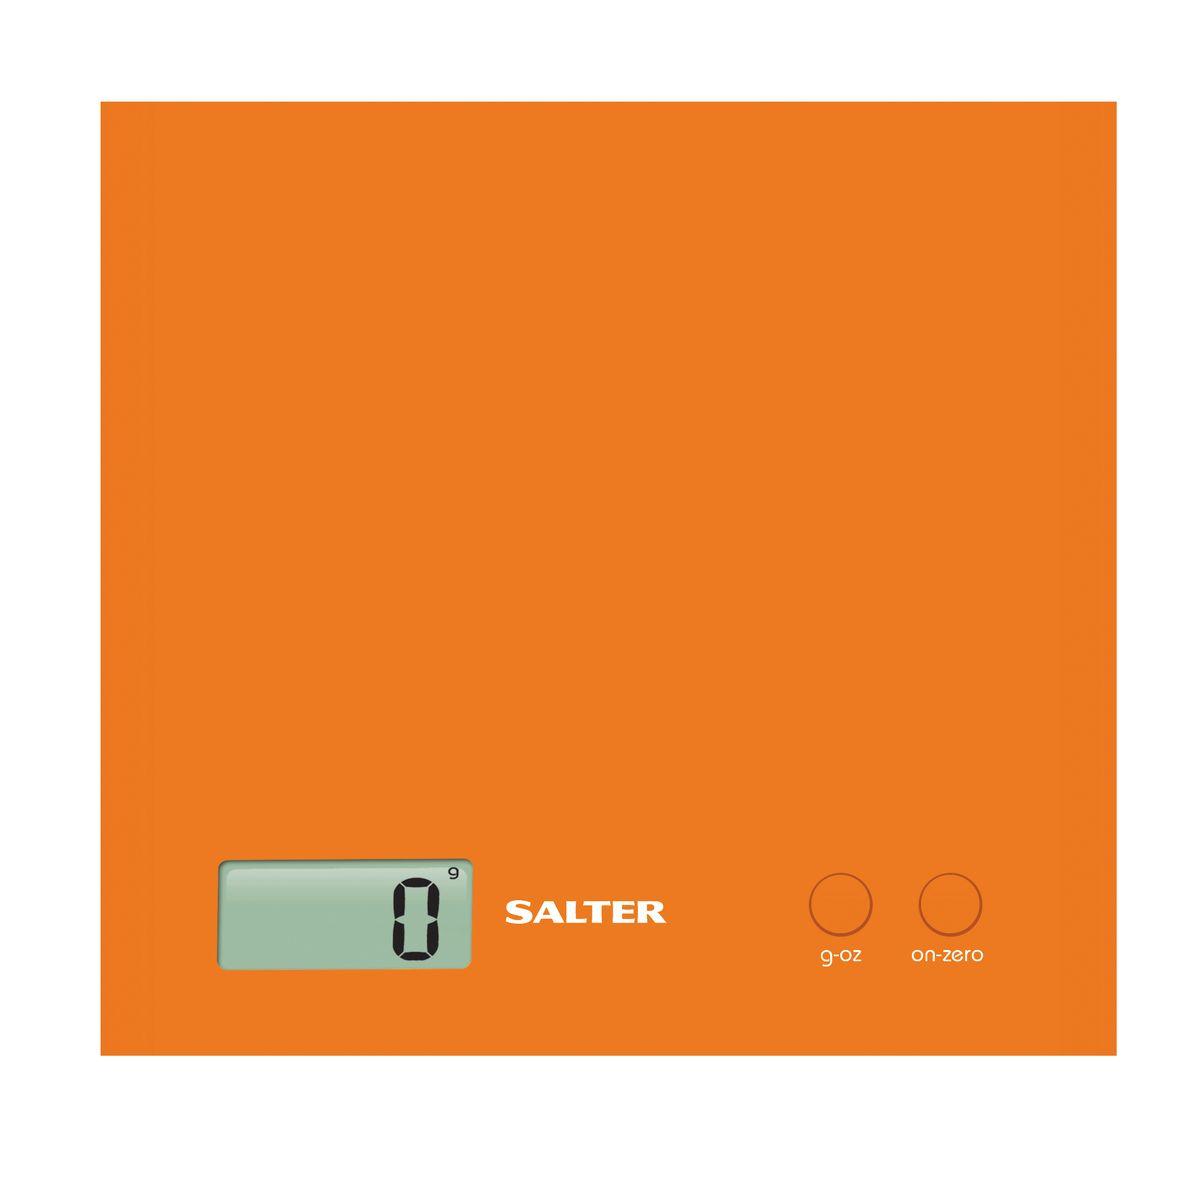 Salter 1066 OGDR кухонные весы1066 OGDRЭлектронные кухонные весы Salter 1066 OGDR.Функция - добавь и взвешивай - позволяет взвешивать различные ингредиенты в одной емкости. Режим переключения между метрической и имперской системой измерения. Компактный, тонкий и современный дизайн.